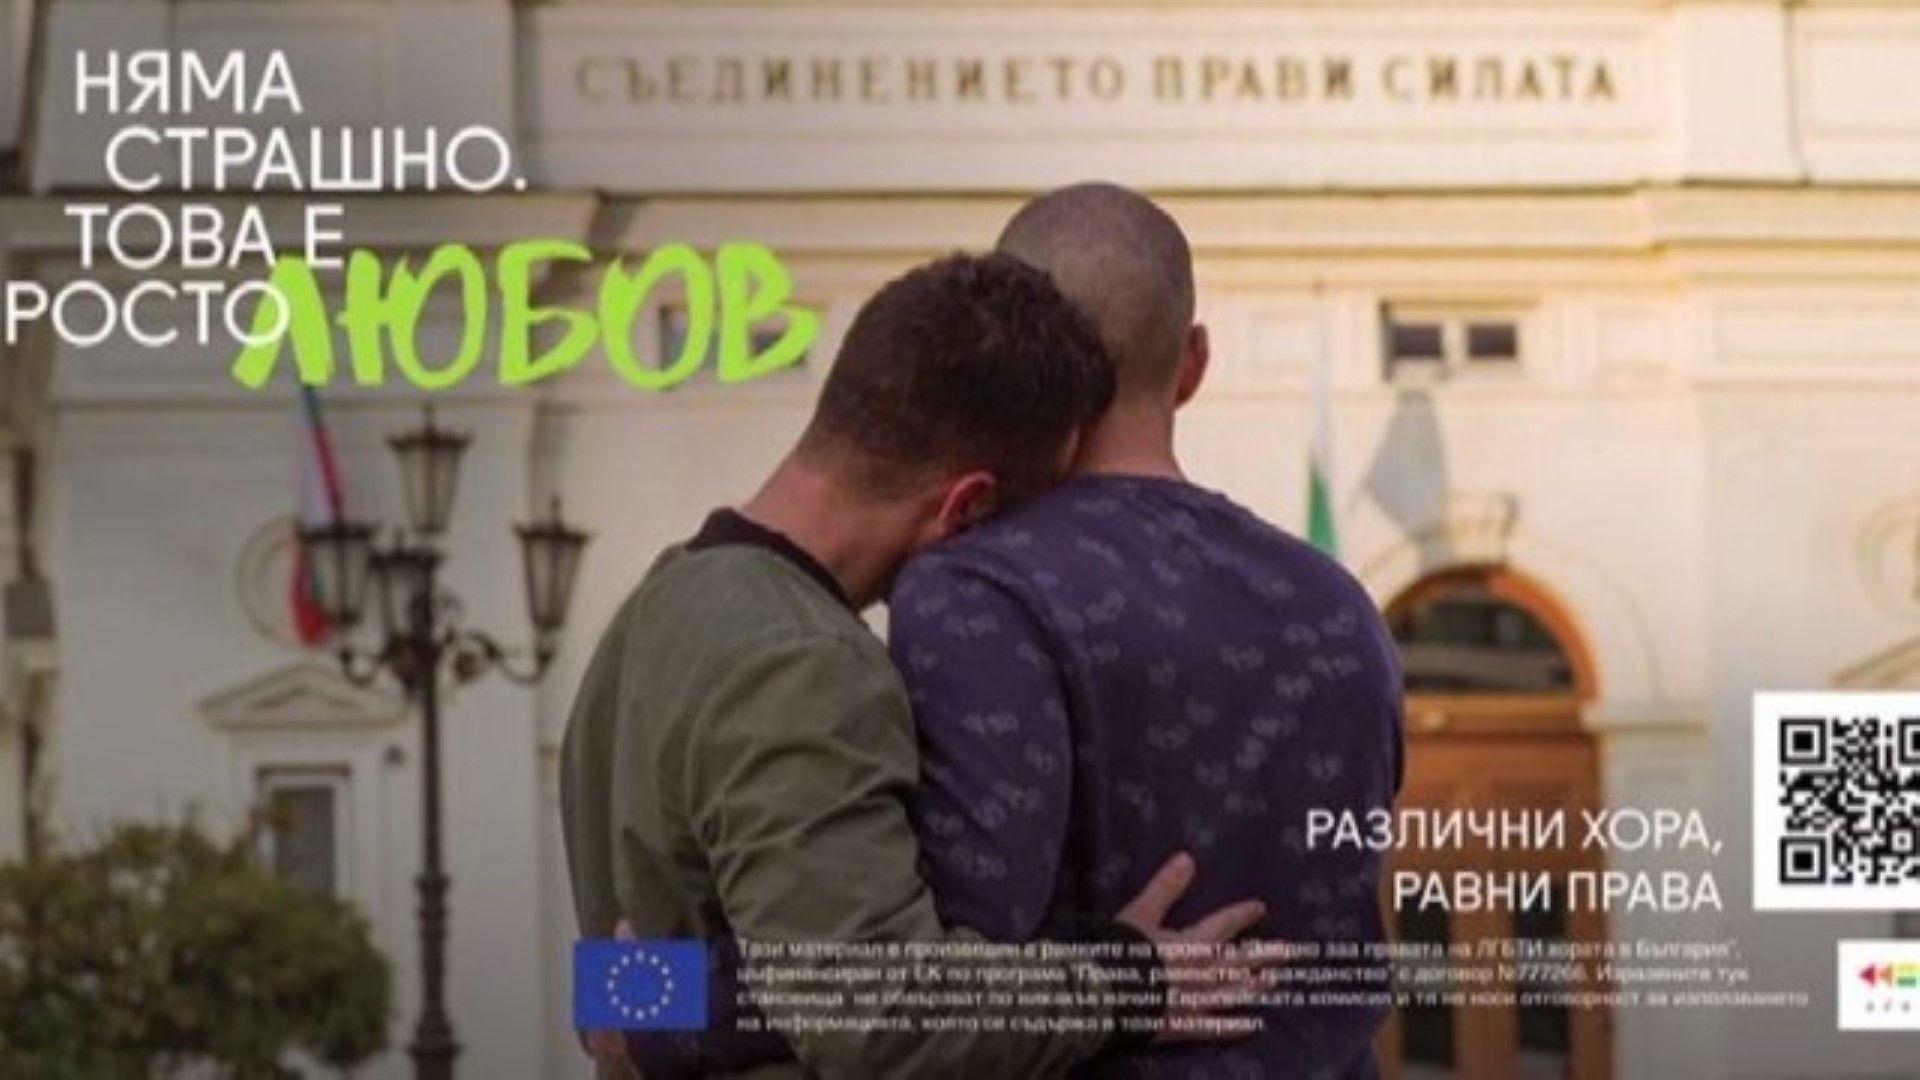 Билбордове от кампания за толерантност към еднополовите двойки предизвика скандал